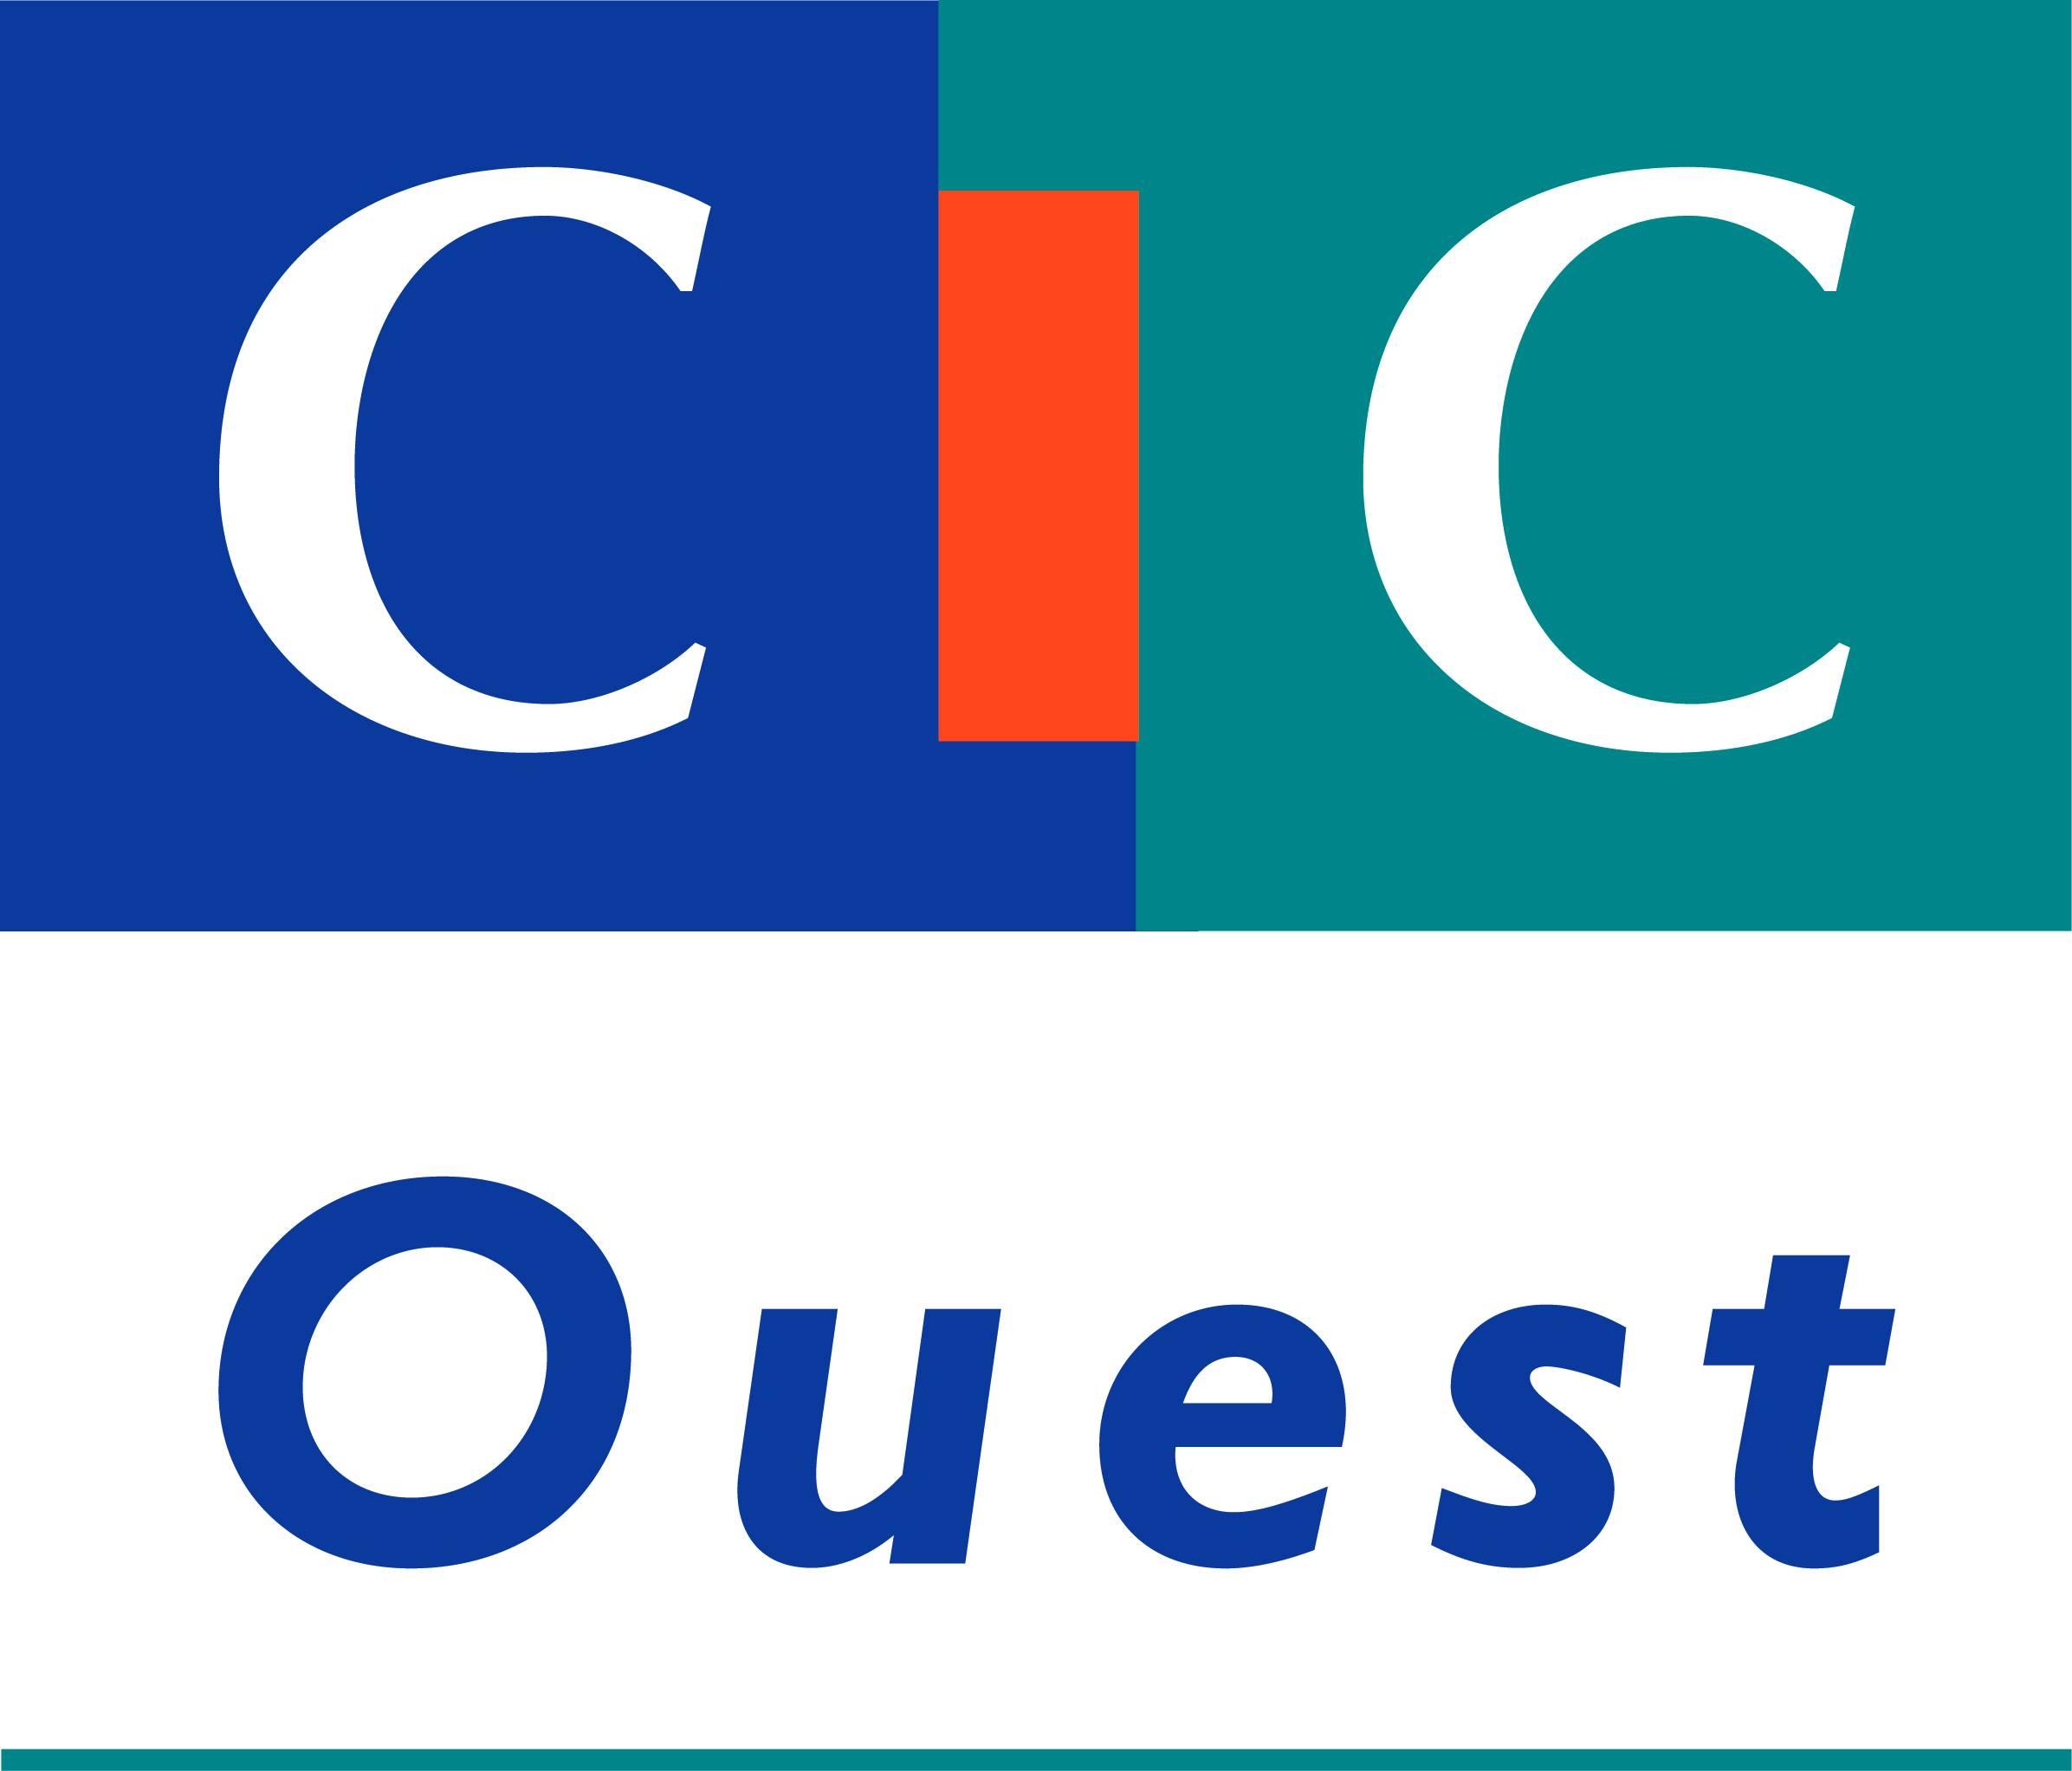 CIC OUEST Vertical Quadri HD OK